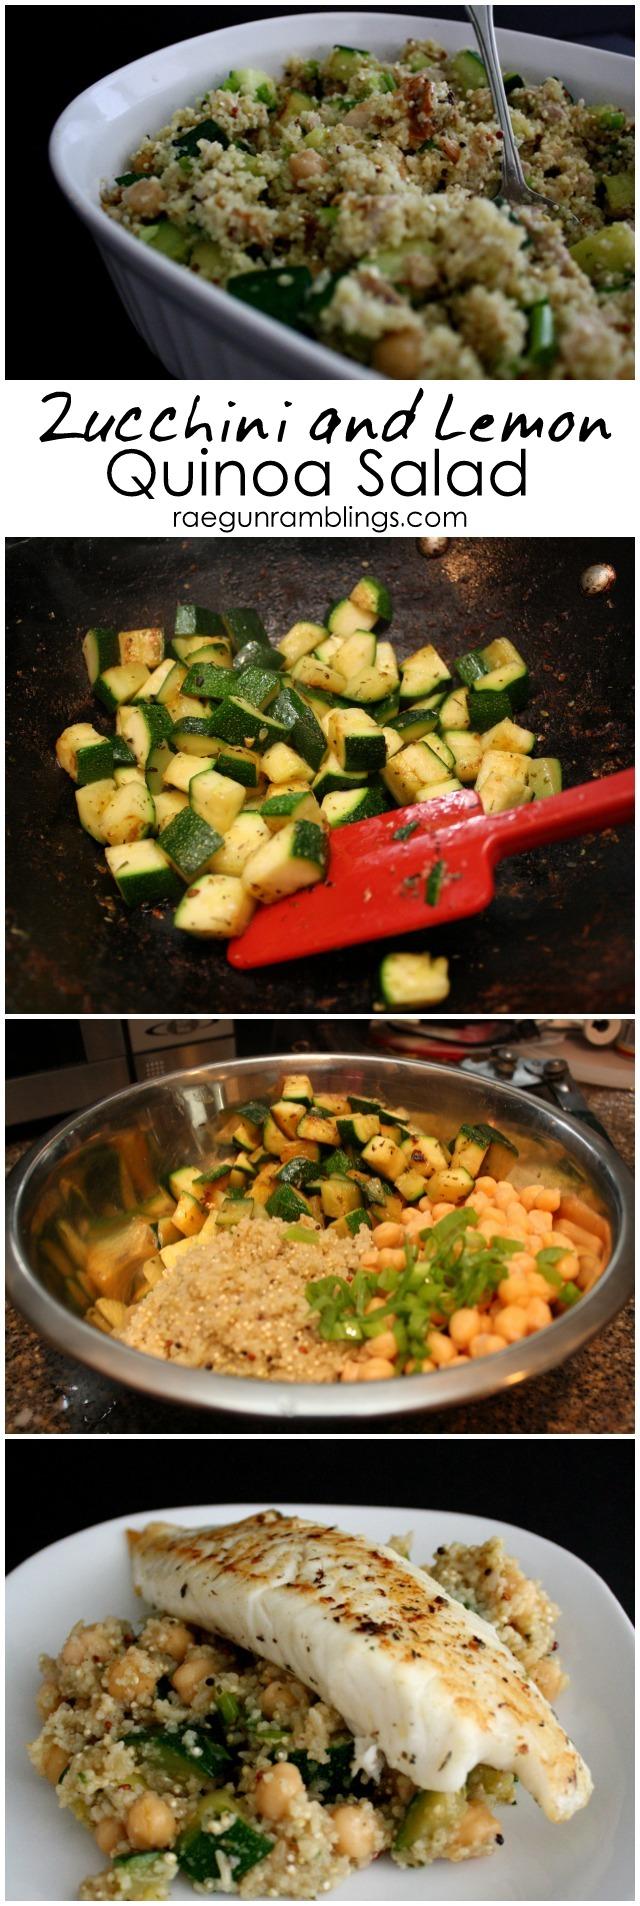 Delicious and fast zucchini quinoa salad recipe - Rae Gun Ramblings